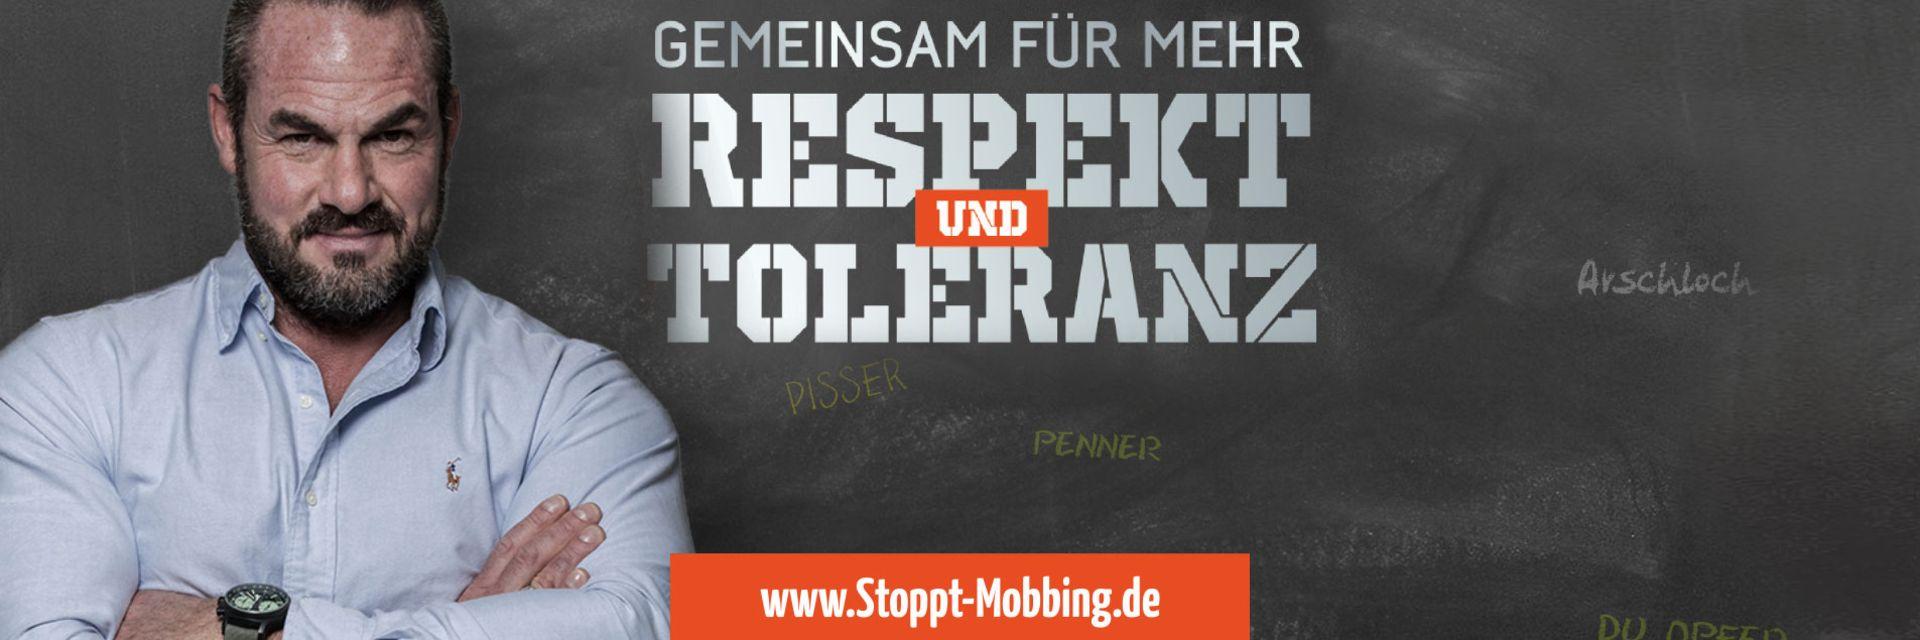 Stoppt Mobbing Carsten Stahl Zu Gast In Crivitz Drk Kreisverband